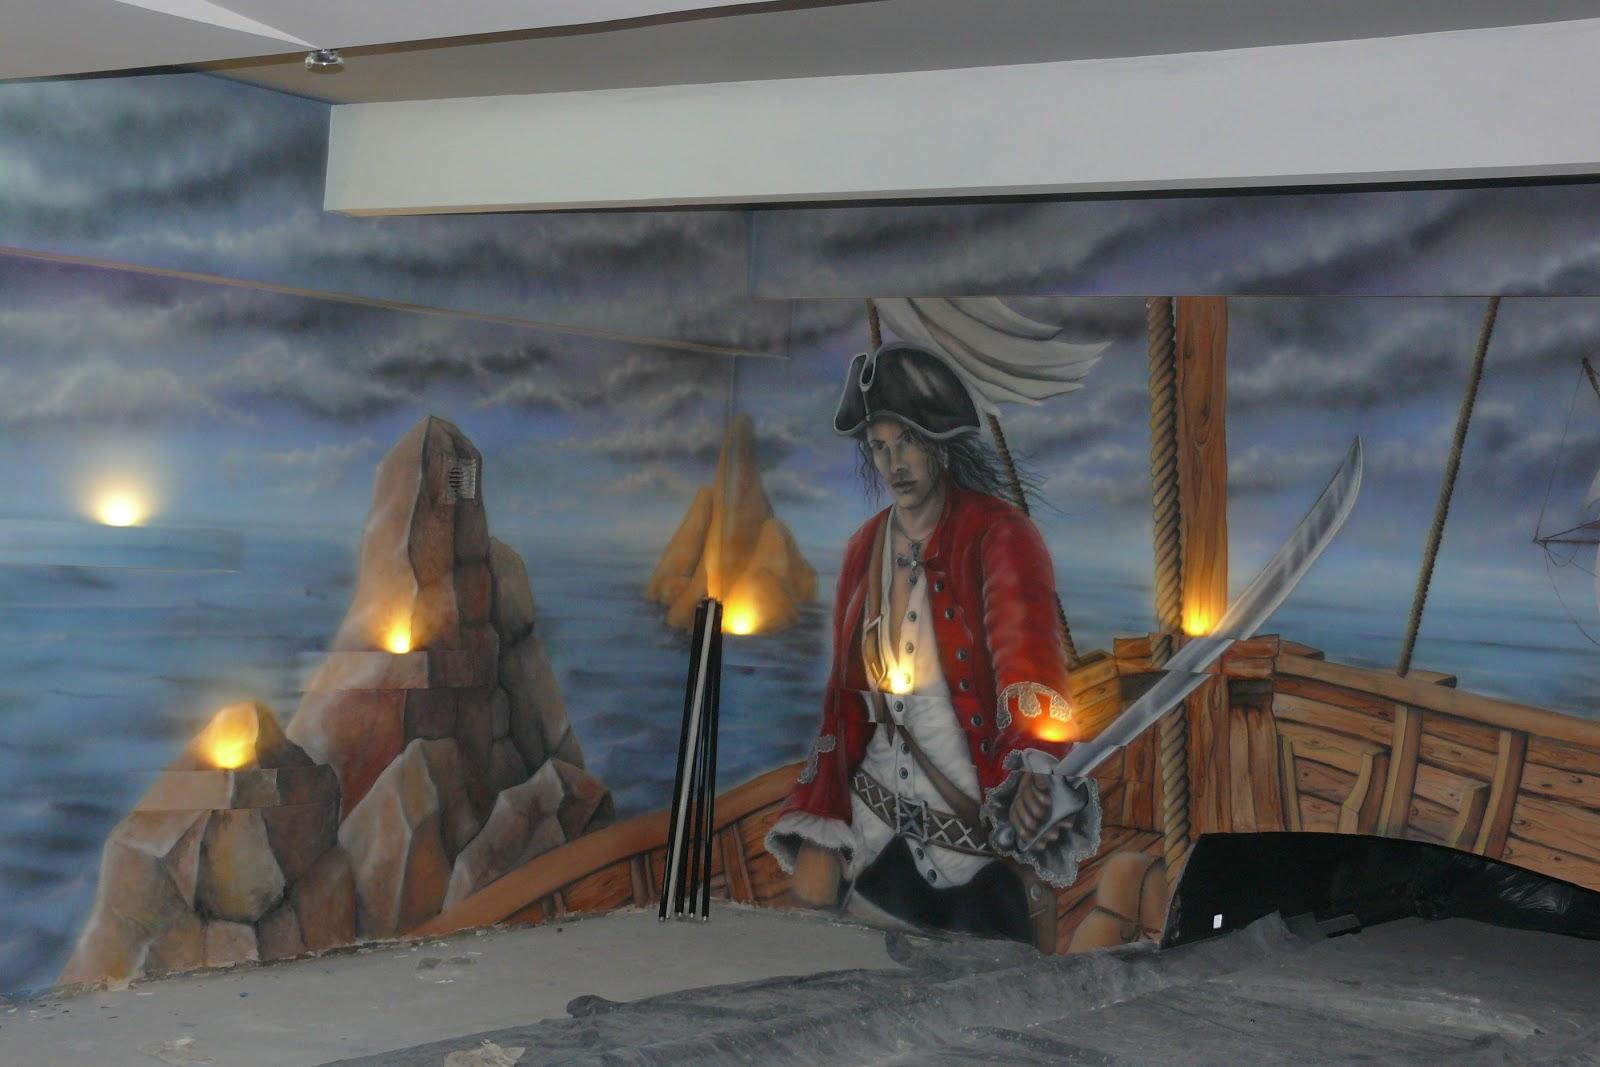 Artystyczne malowanie ściany w kręgielni, obraz o tematyce pirackiej, mural 3D